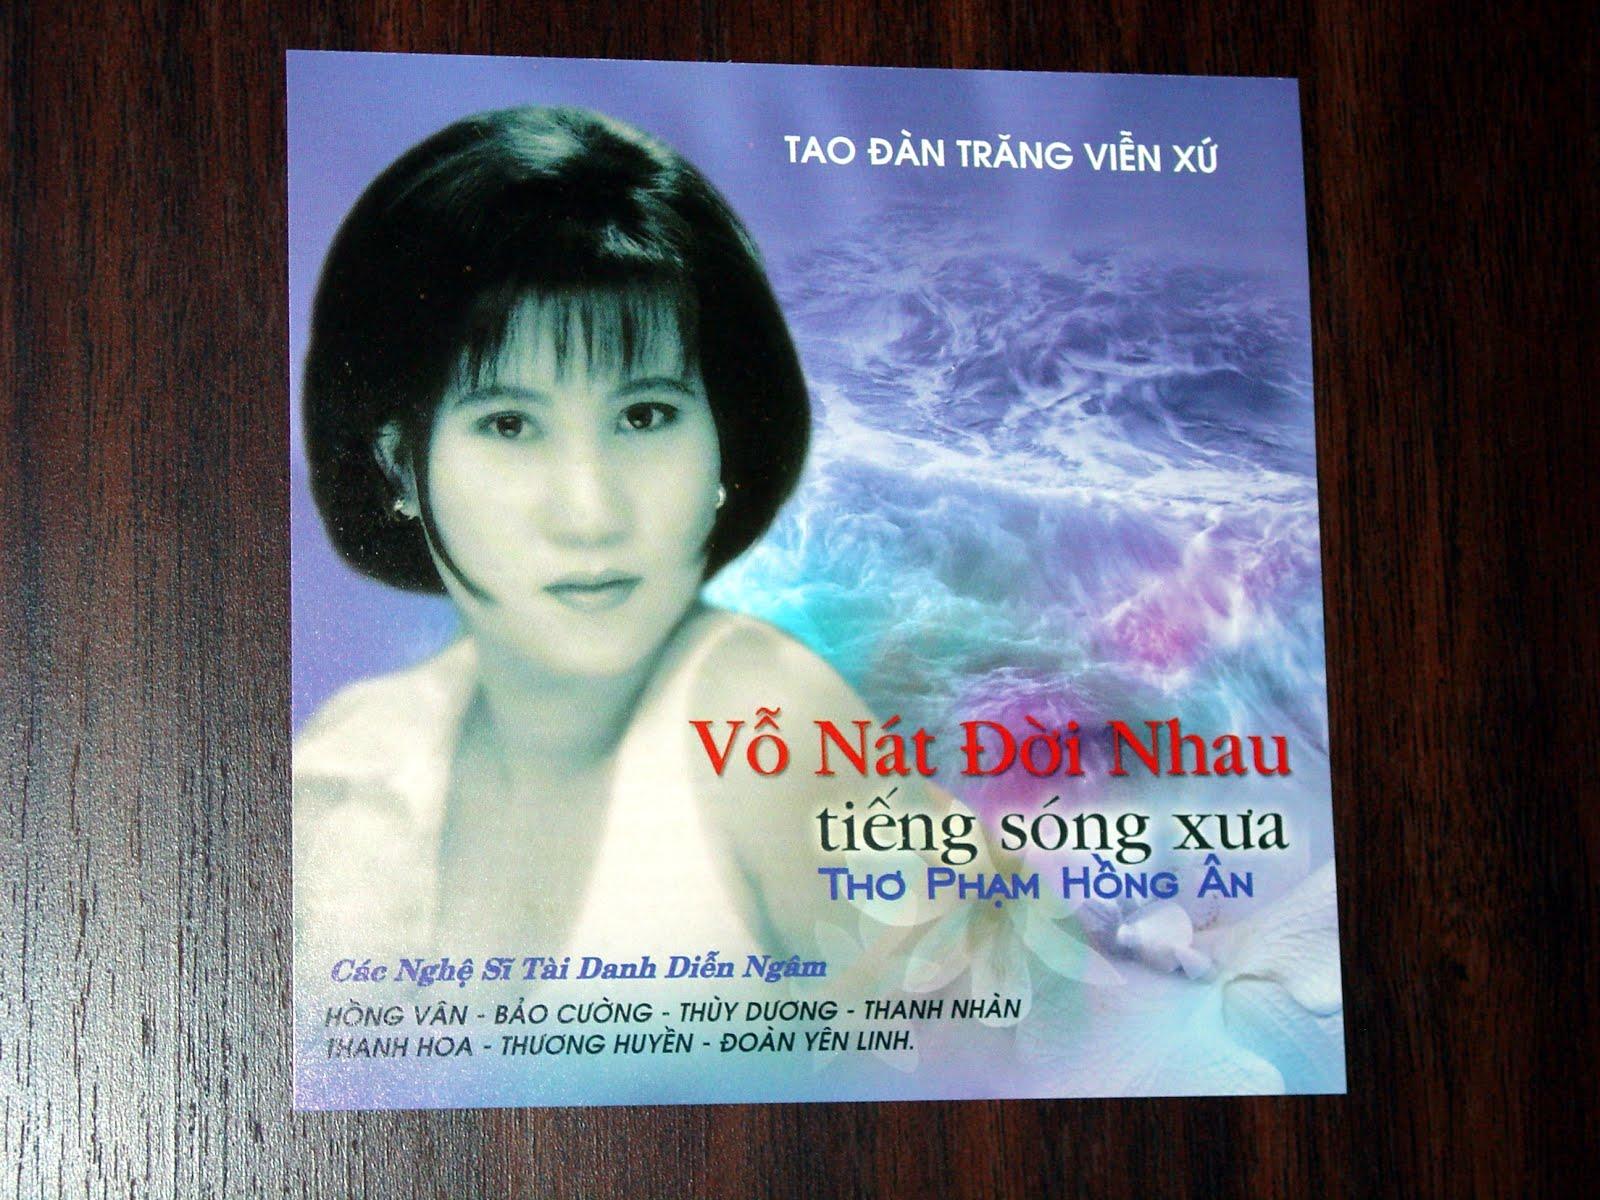 CD ngâm thơ: Vỗ nát đời nhau tiếng sóng xưa